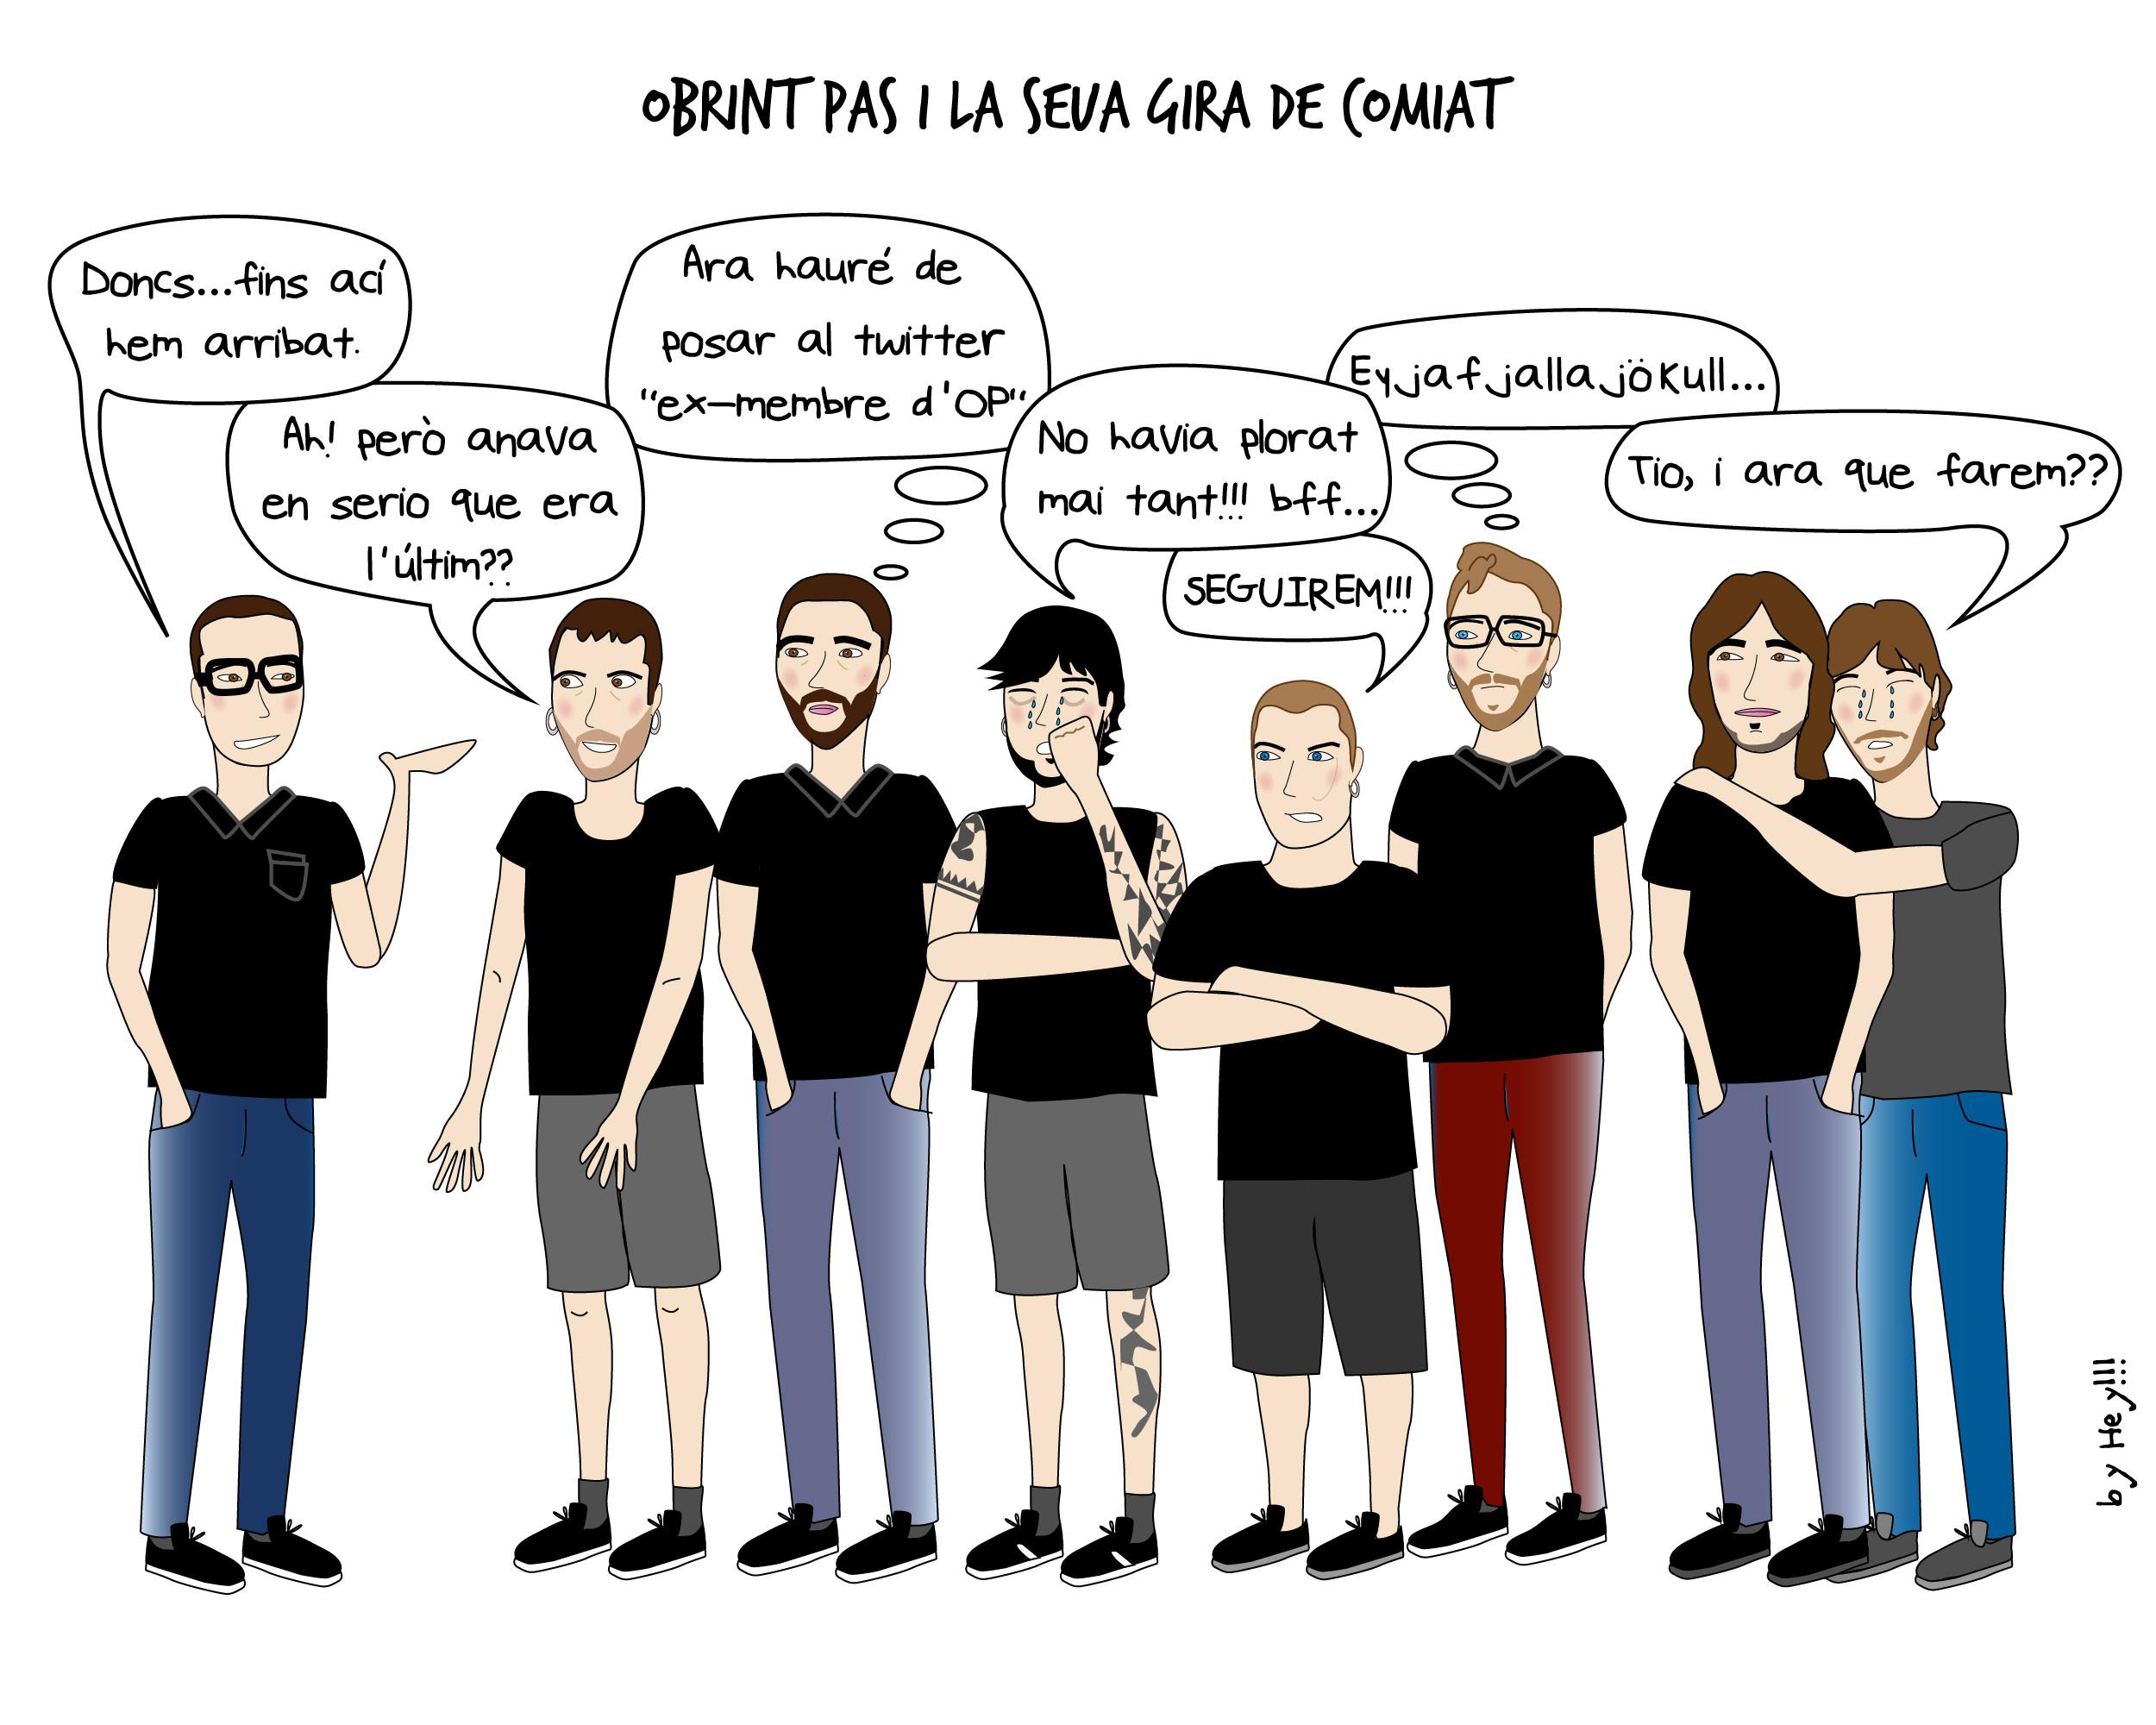 La Vinyeta d'Obrint Pas (by Hey)